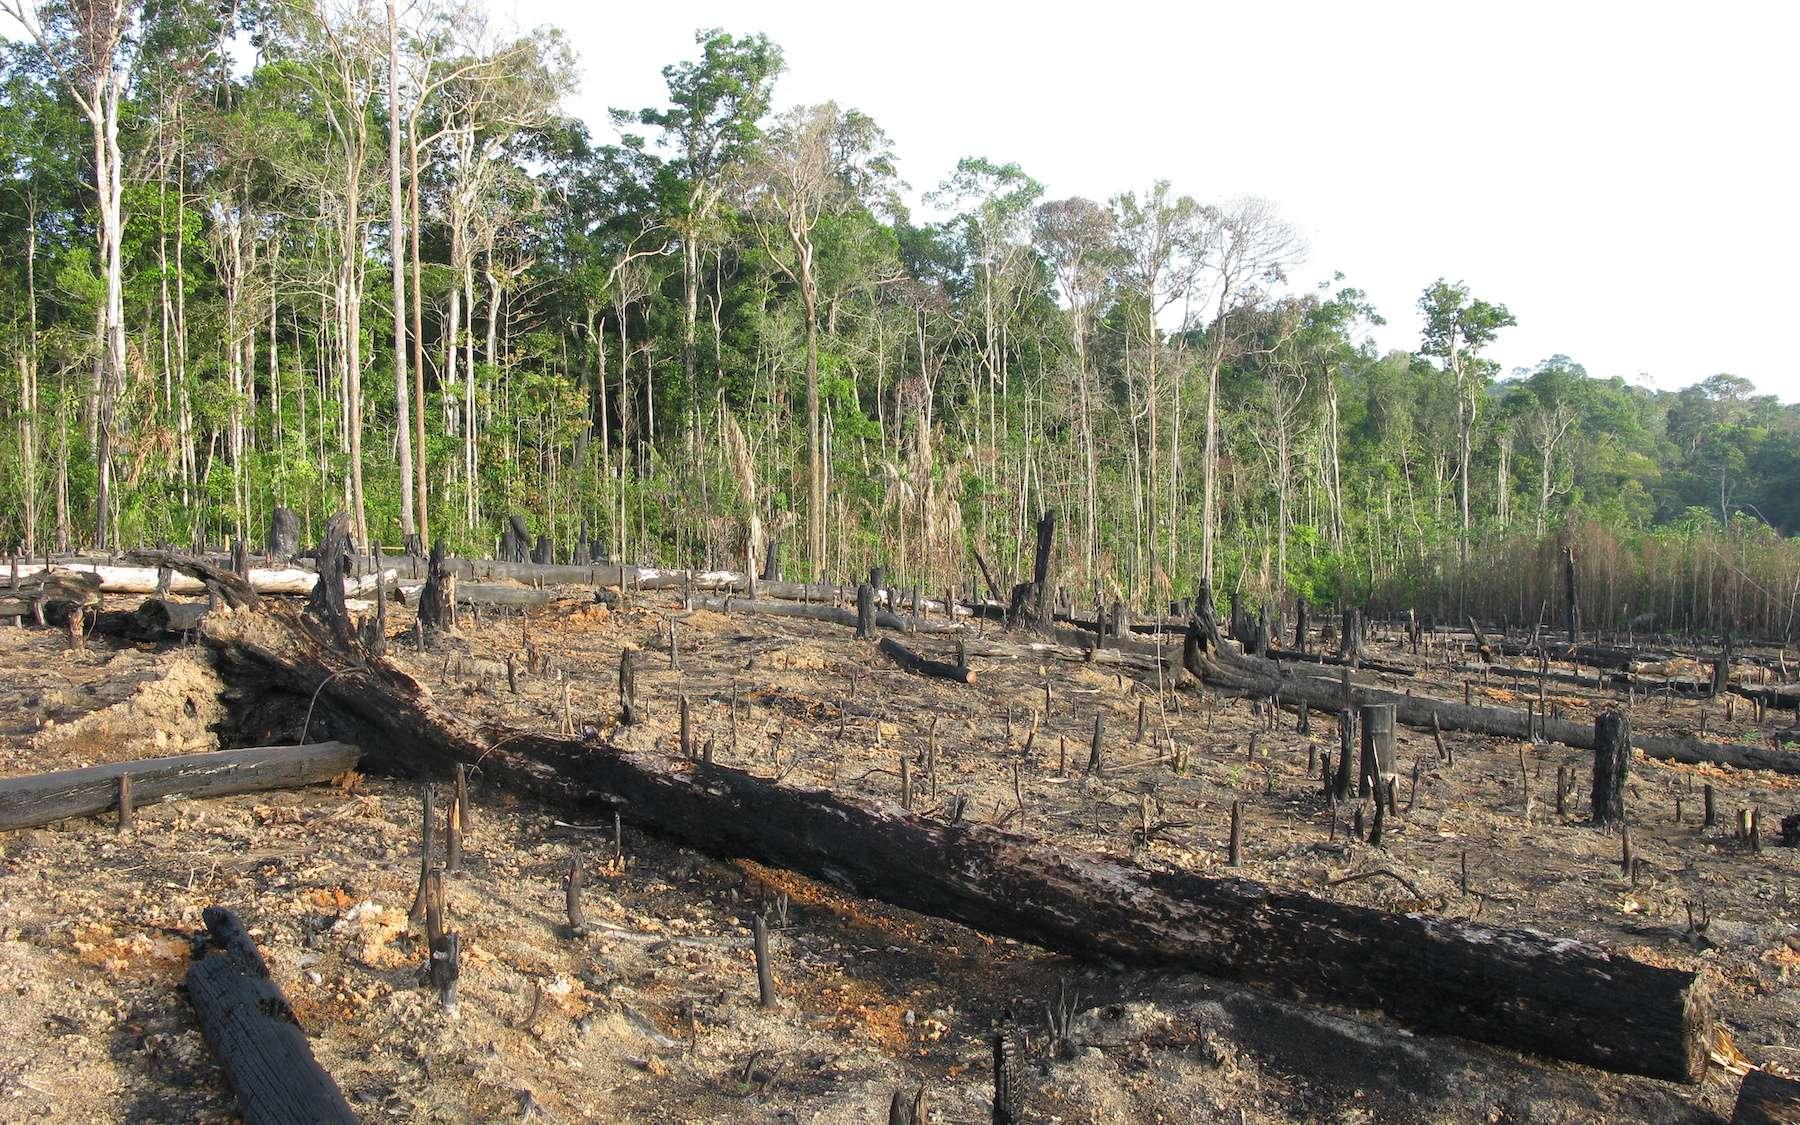 Cette année encore, la forêt amazonienne est ravagée par les incendies. © guentermanaus, Adobe Stock